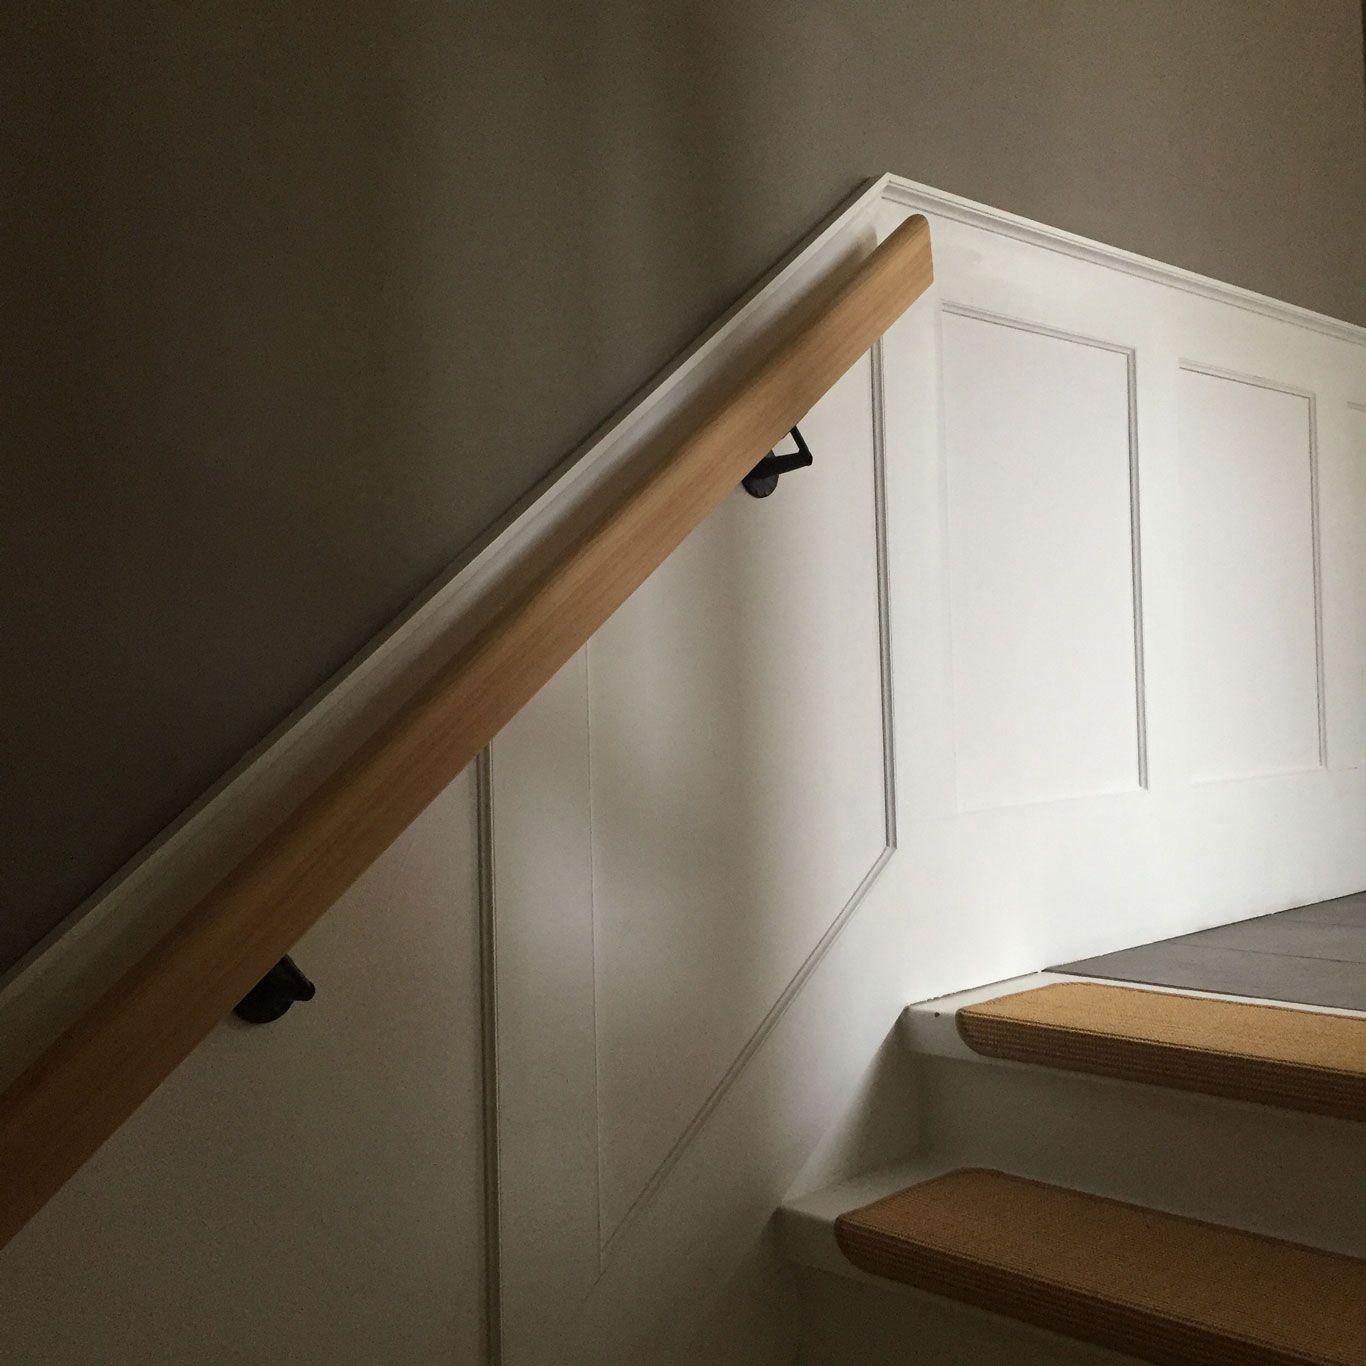 Wandvertaefelung Selber Machen Treppenhaus Fertig Wandvertafelung Treppe Haus Vertafelung